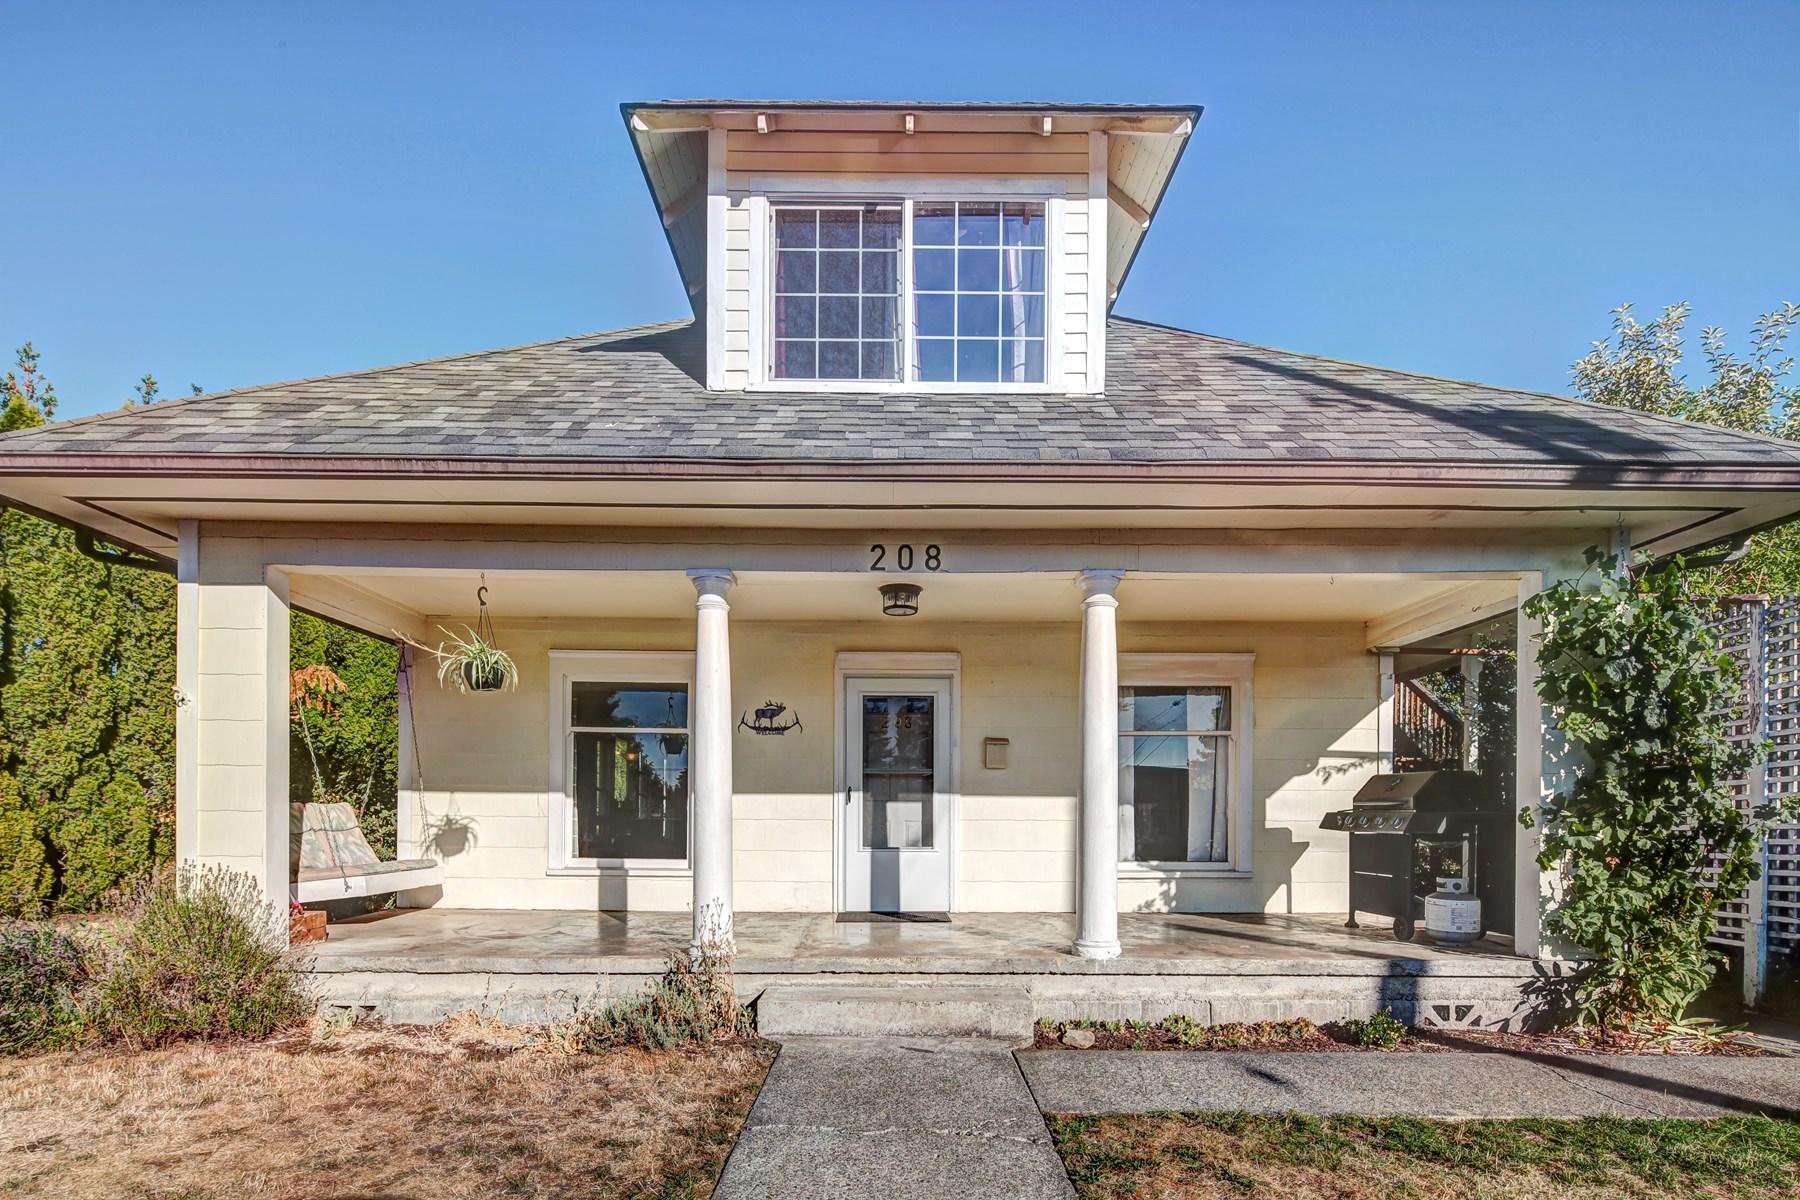 Historic home for sale in Centralia Washington